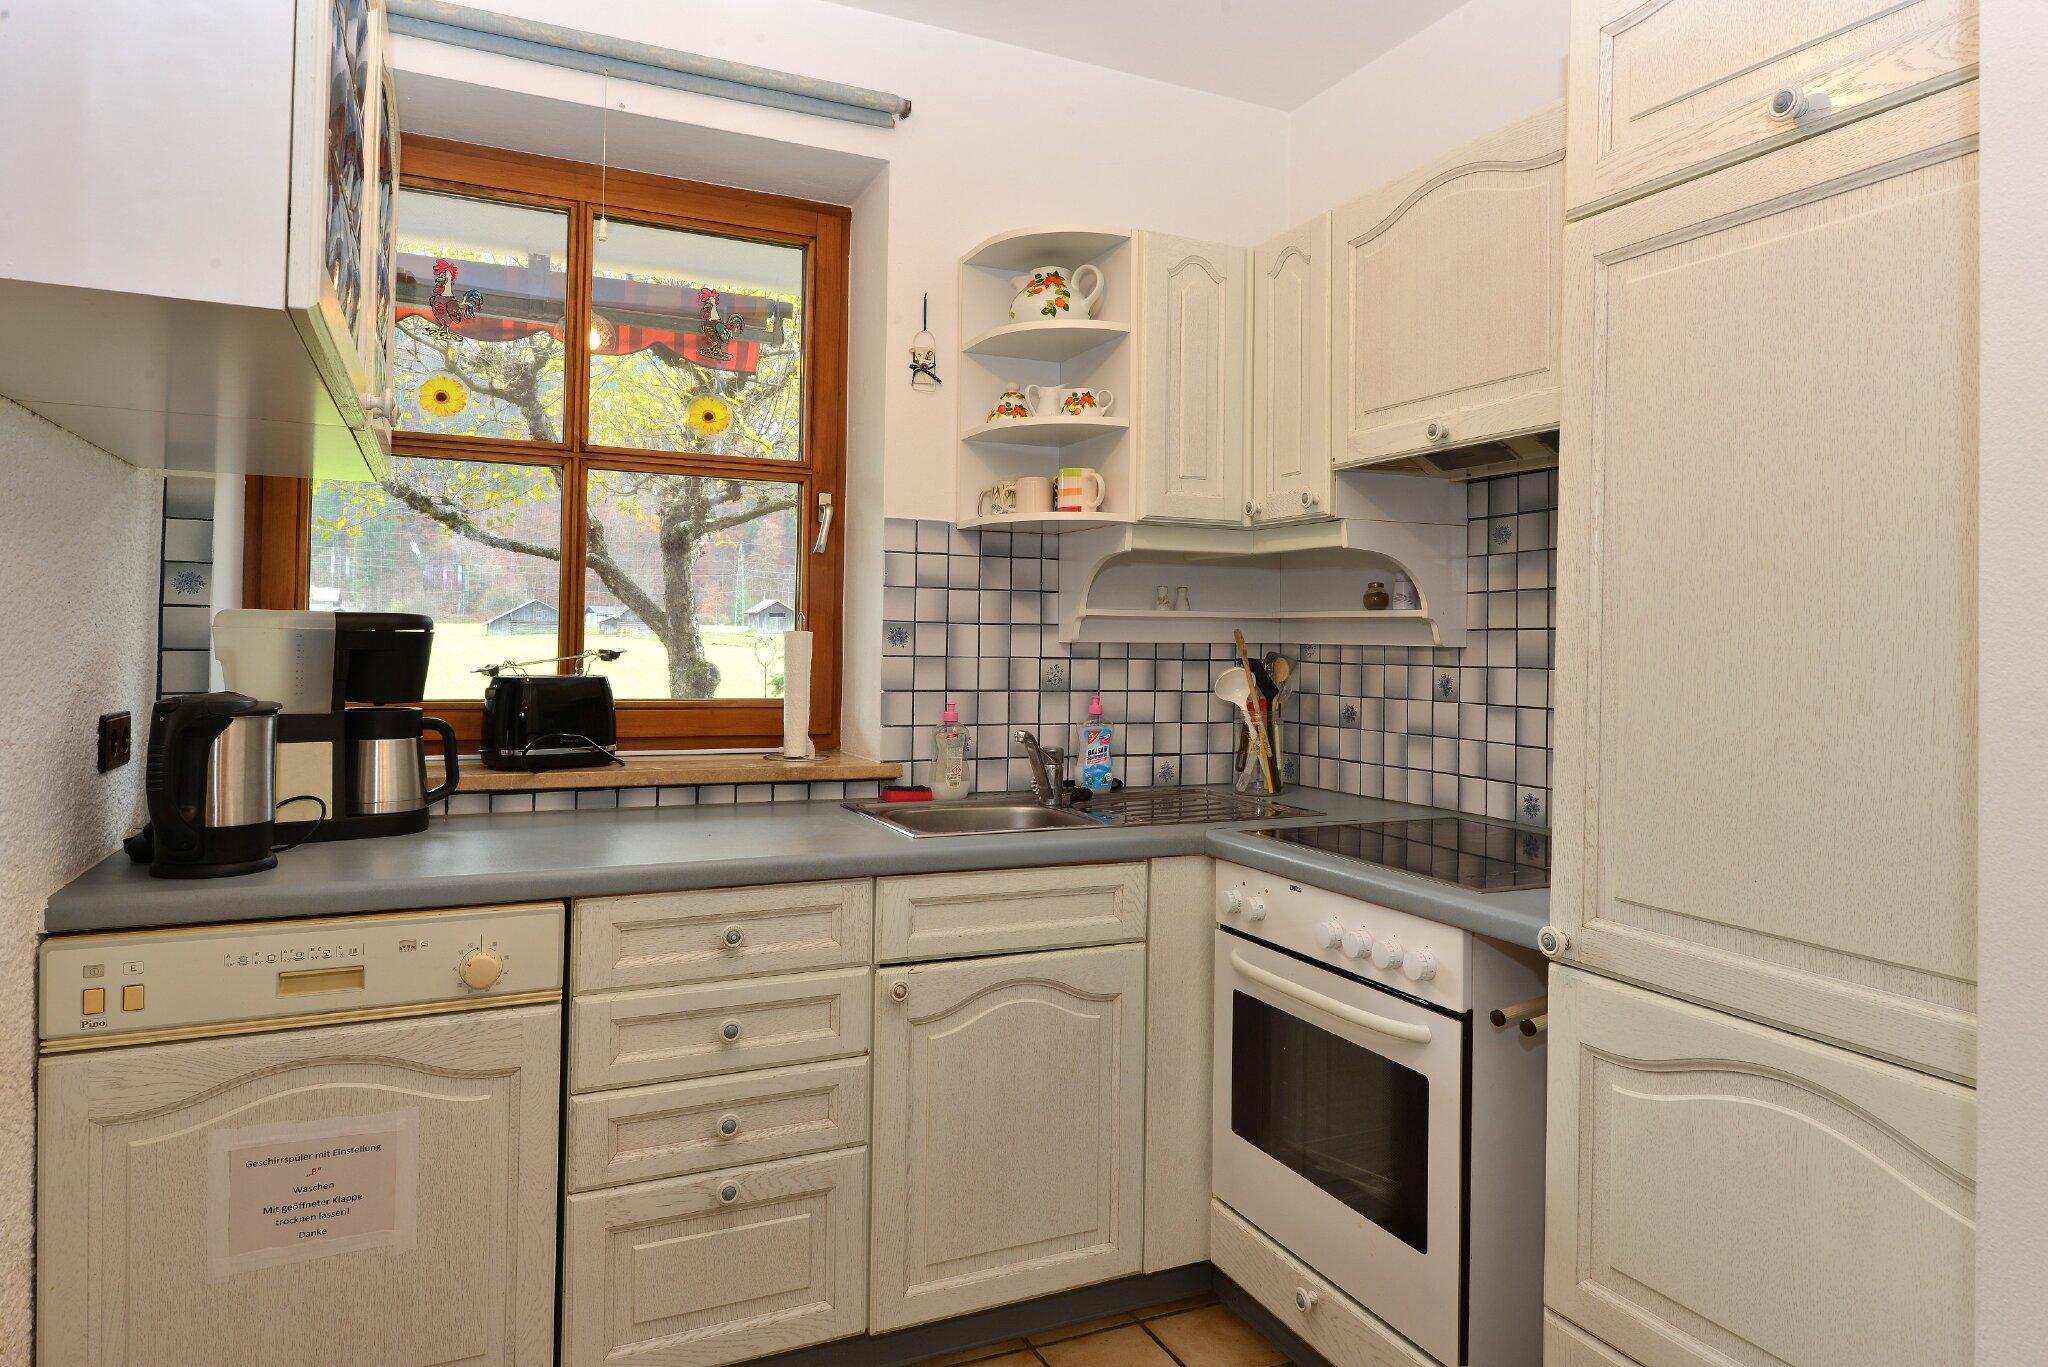 Küche mit Herd,Kühlschrank und Spülmasch